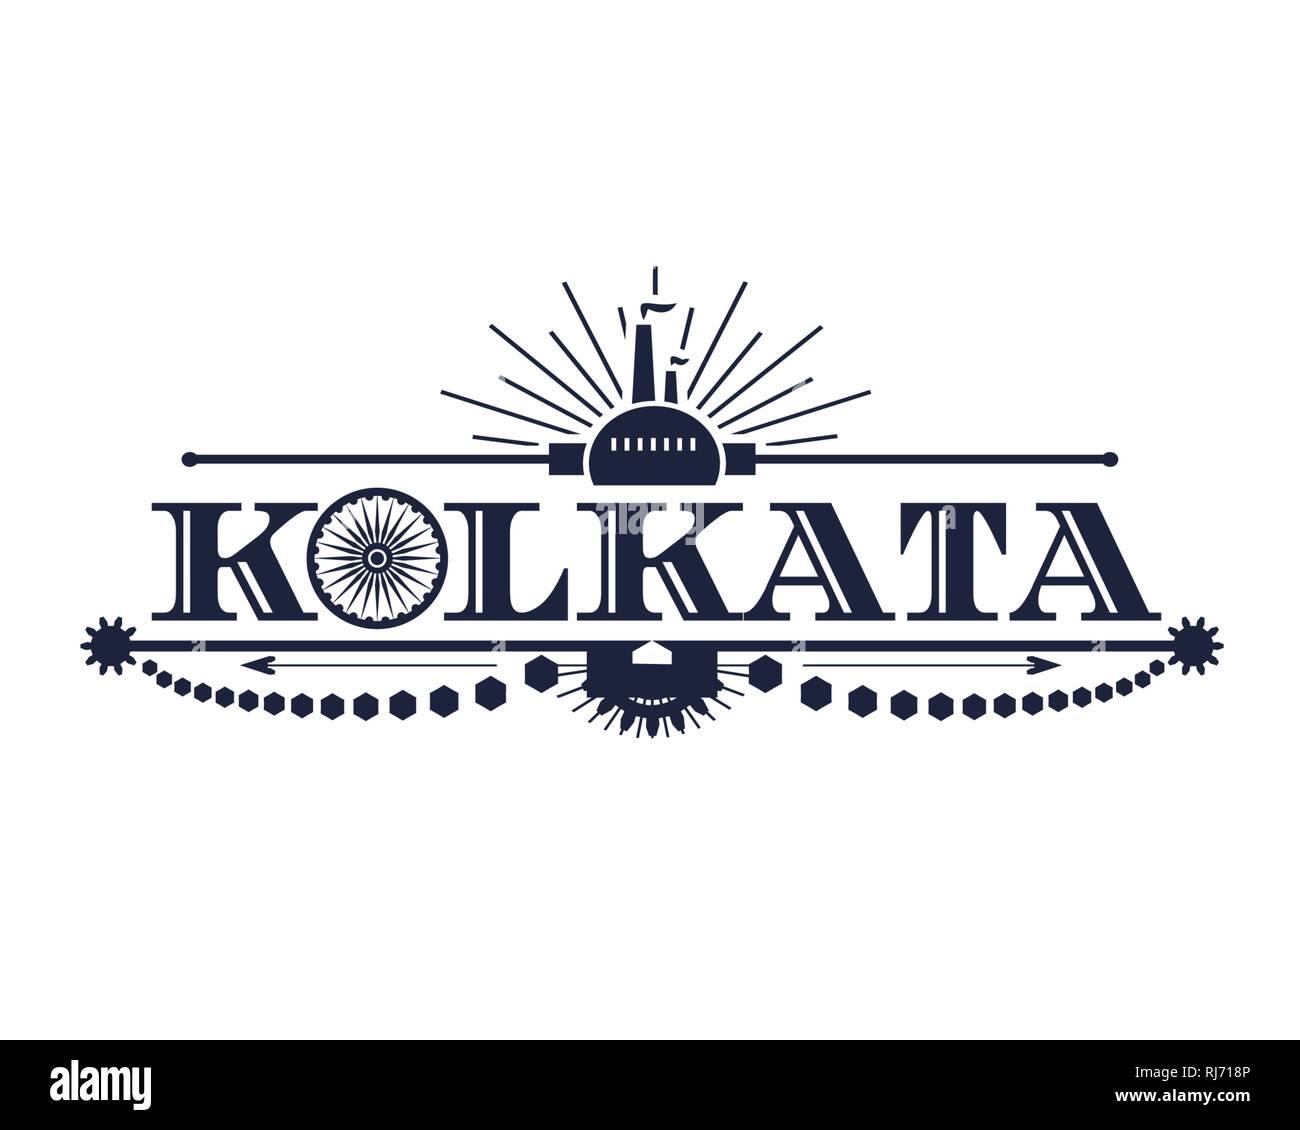 Kolkata city name - Stock Vector